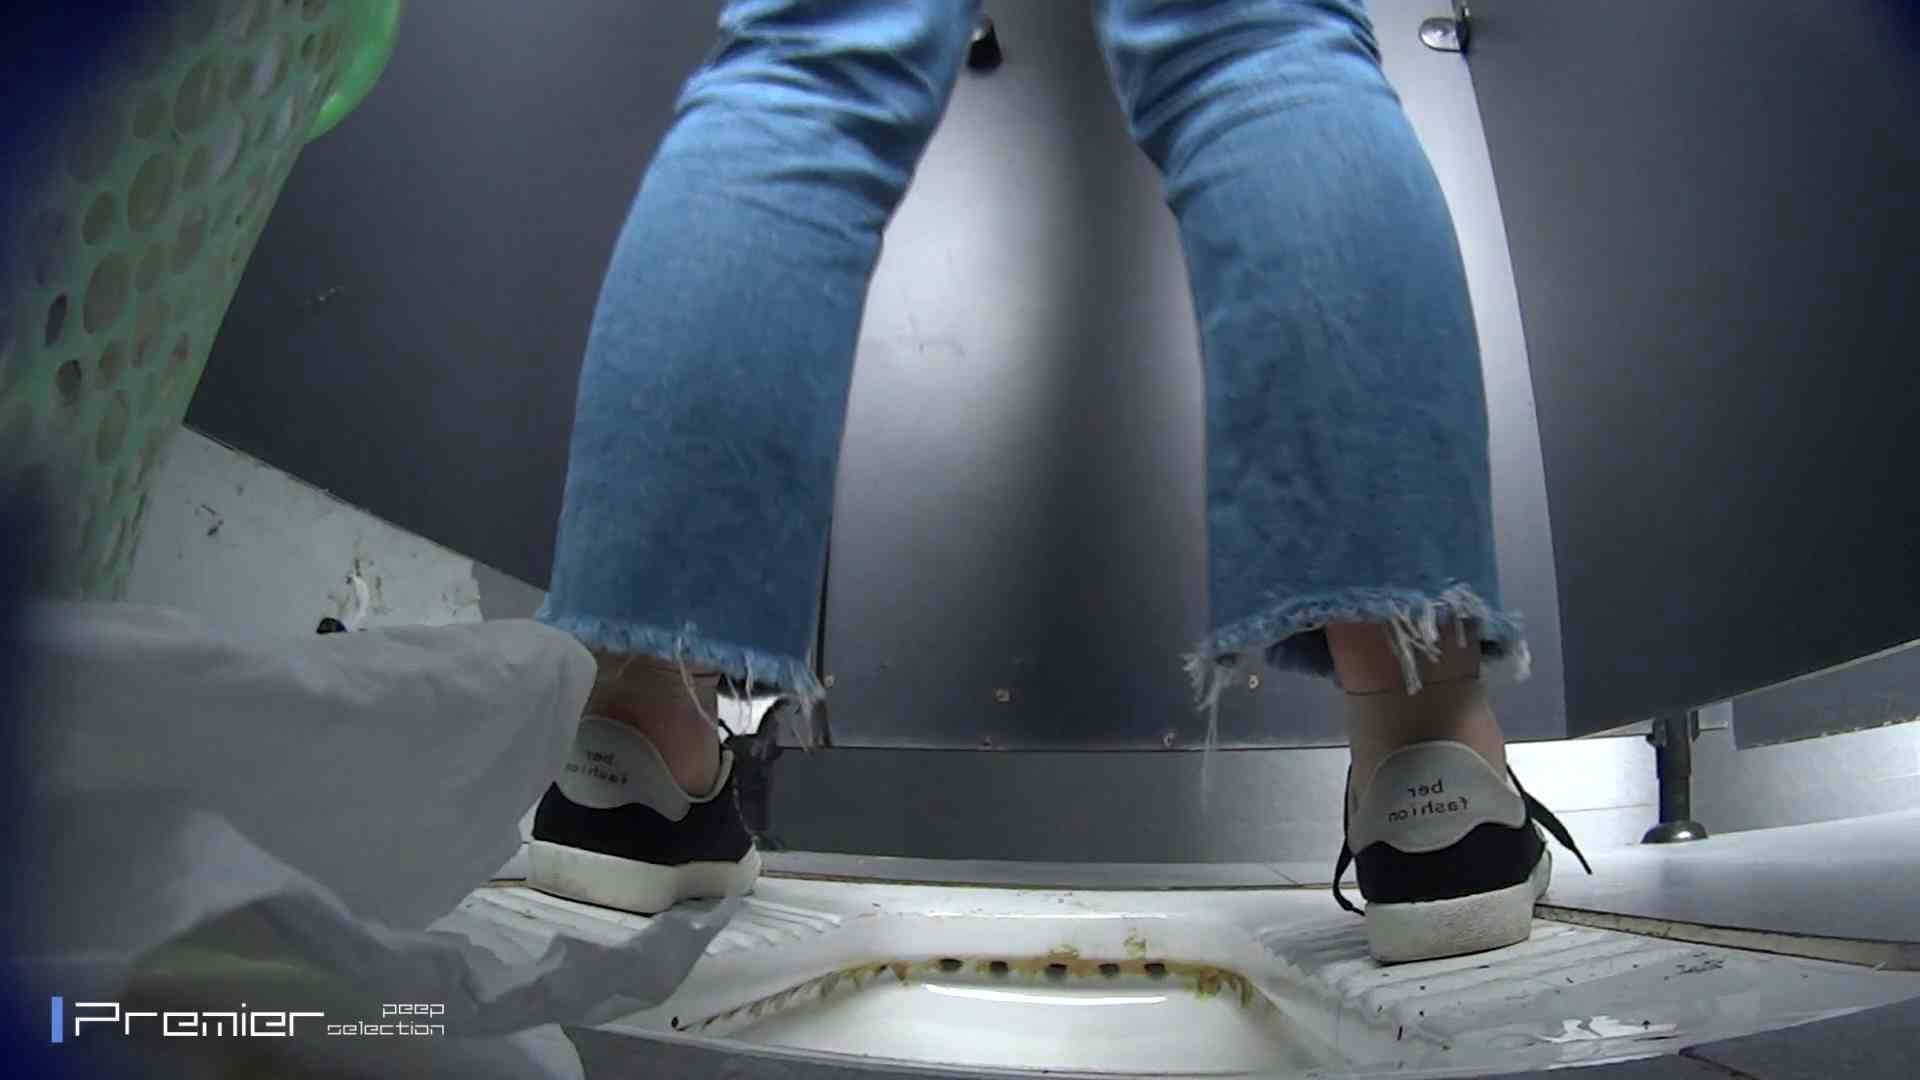 滴り落ちる聖水 大学休憩時間の洗面所事情42 美女ハメ撮り  98Pix 1